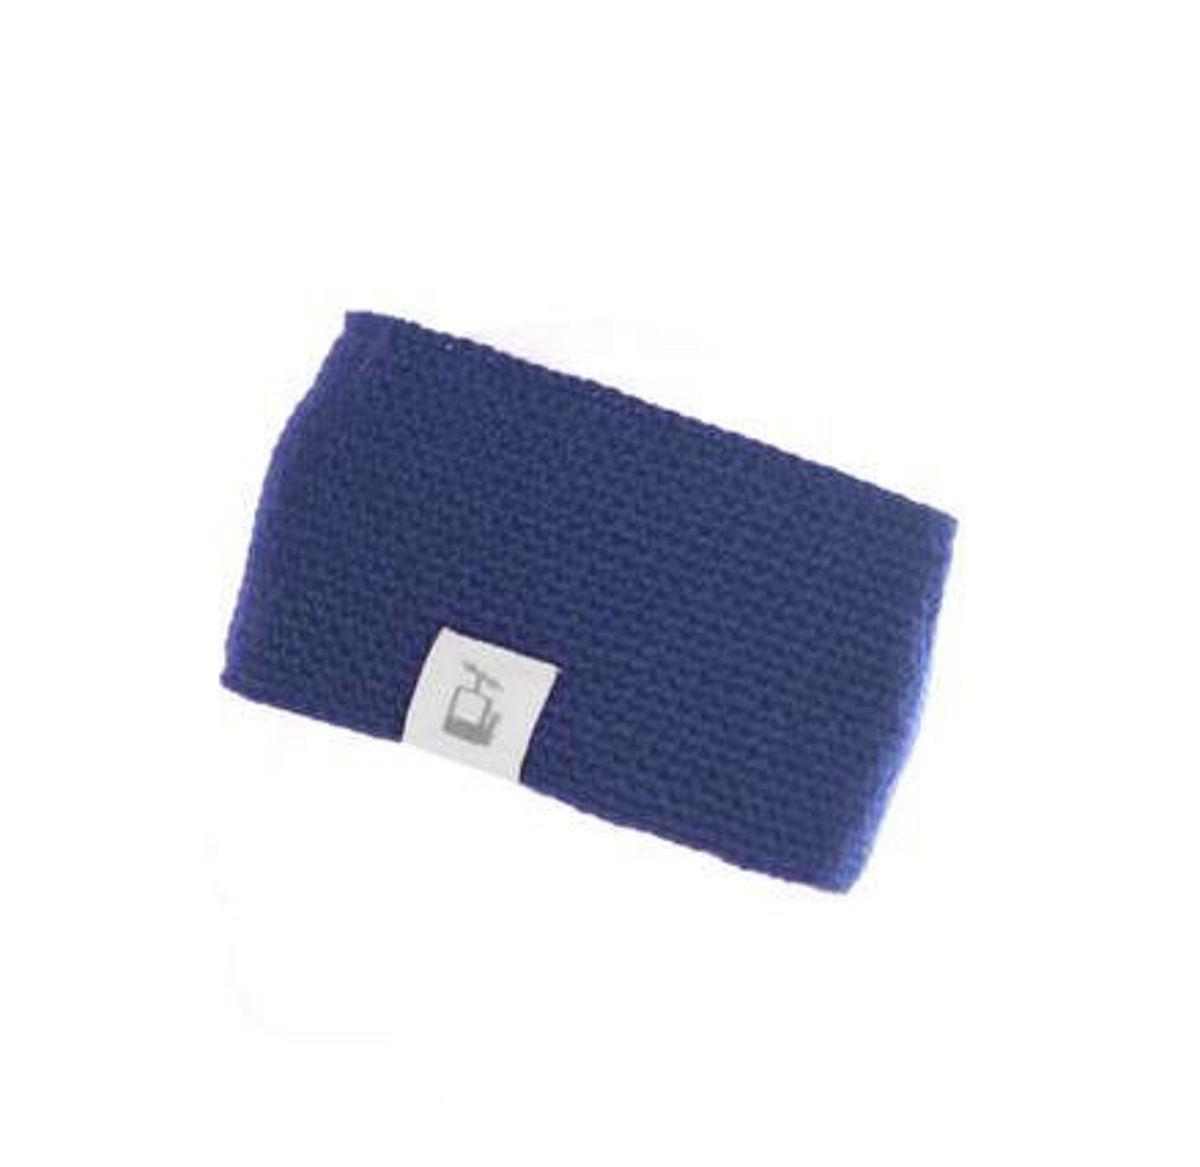 Bilde av Crochet Headband